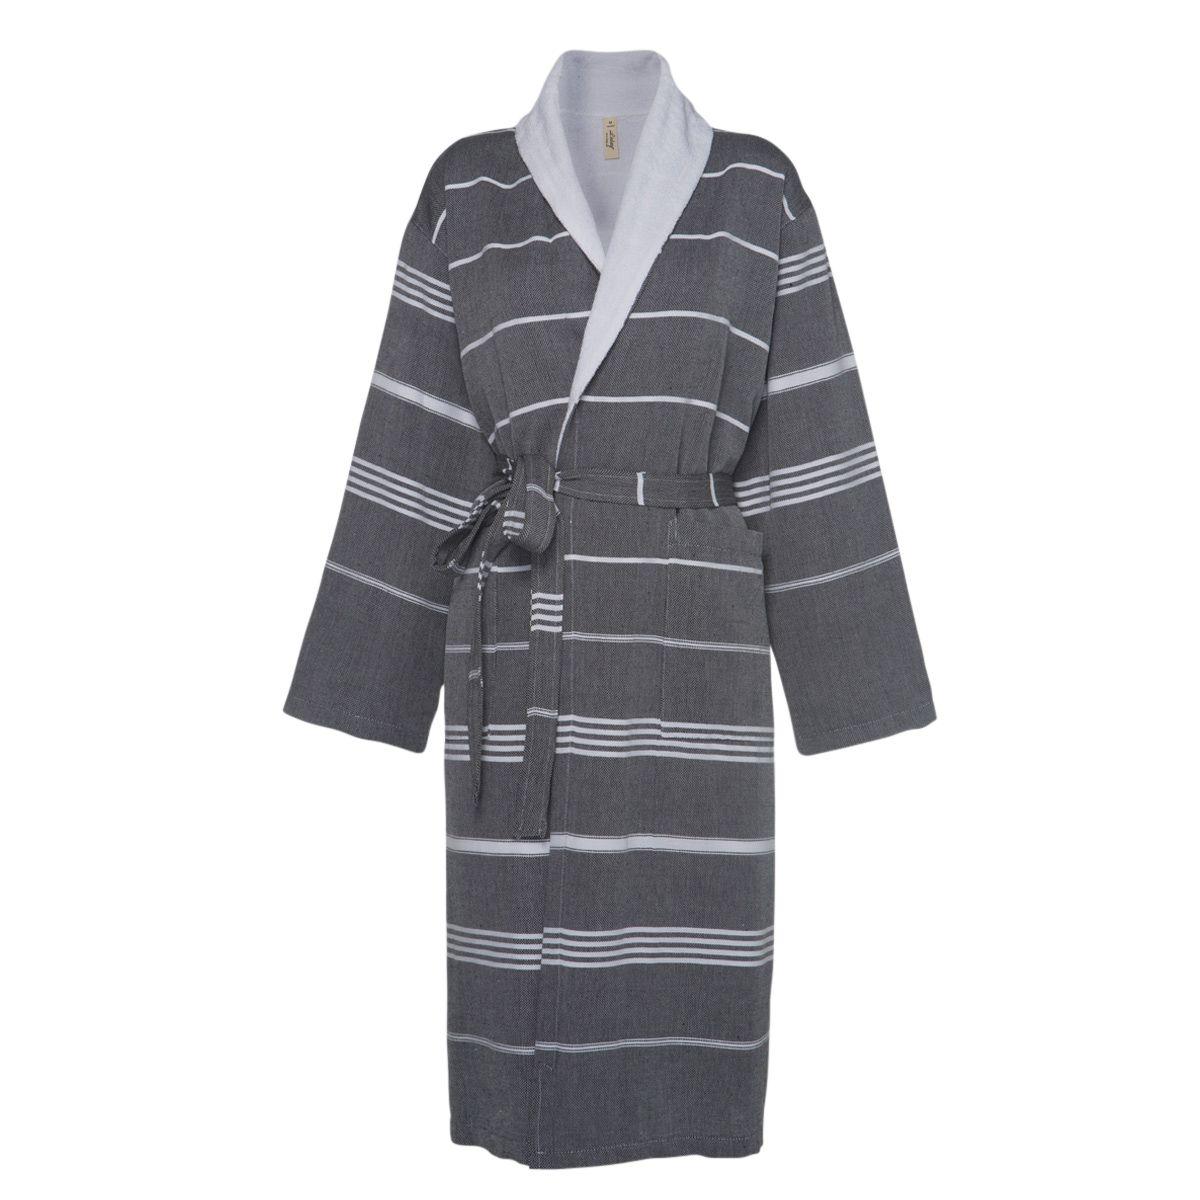 Bathrobe Leyla / With Towel Lining - Black